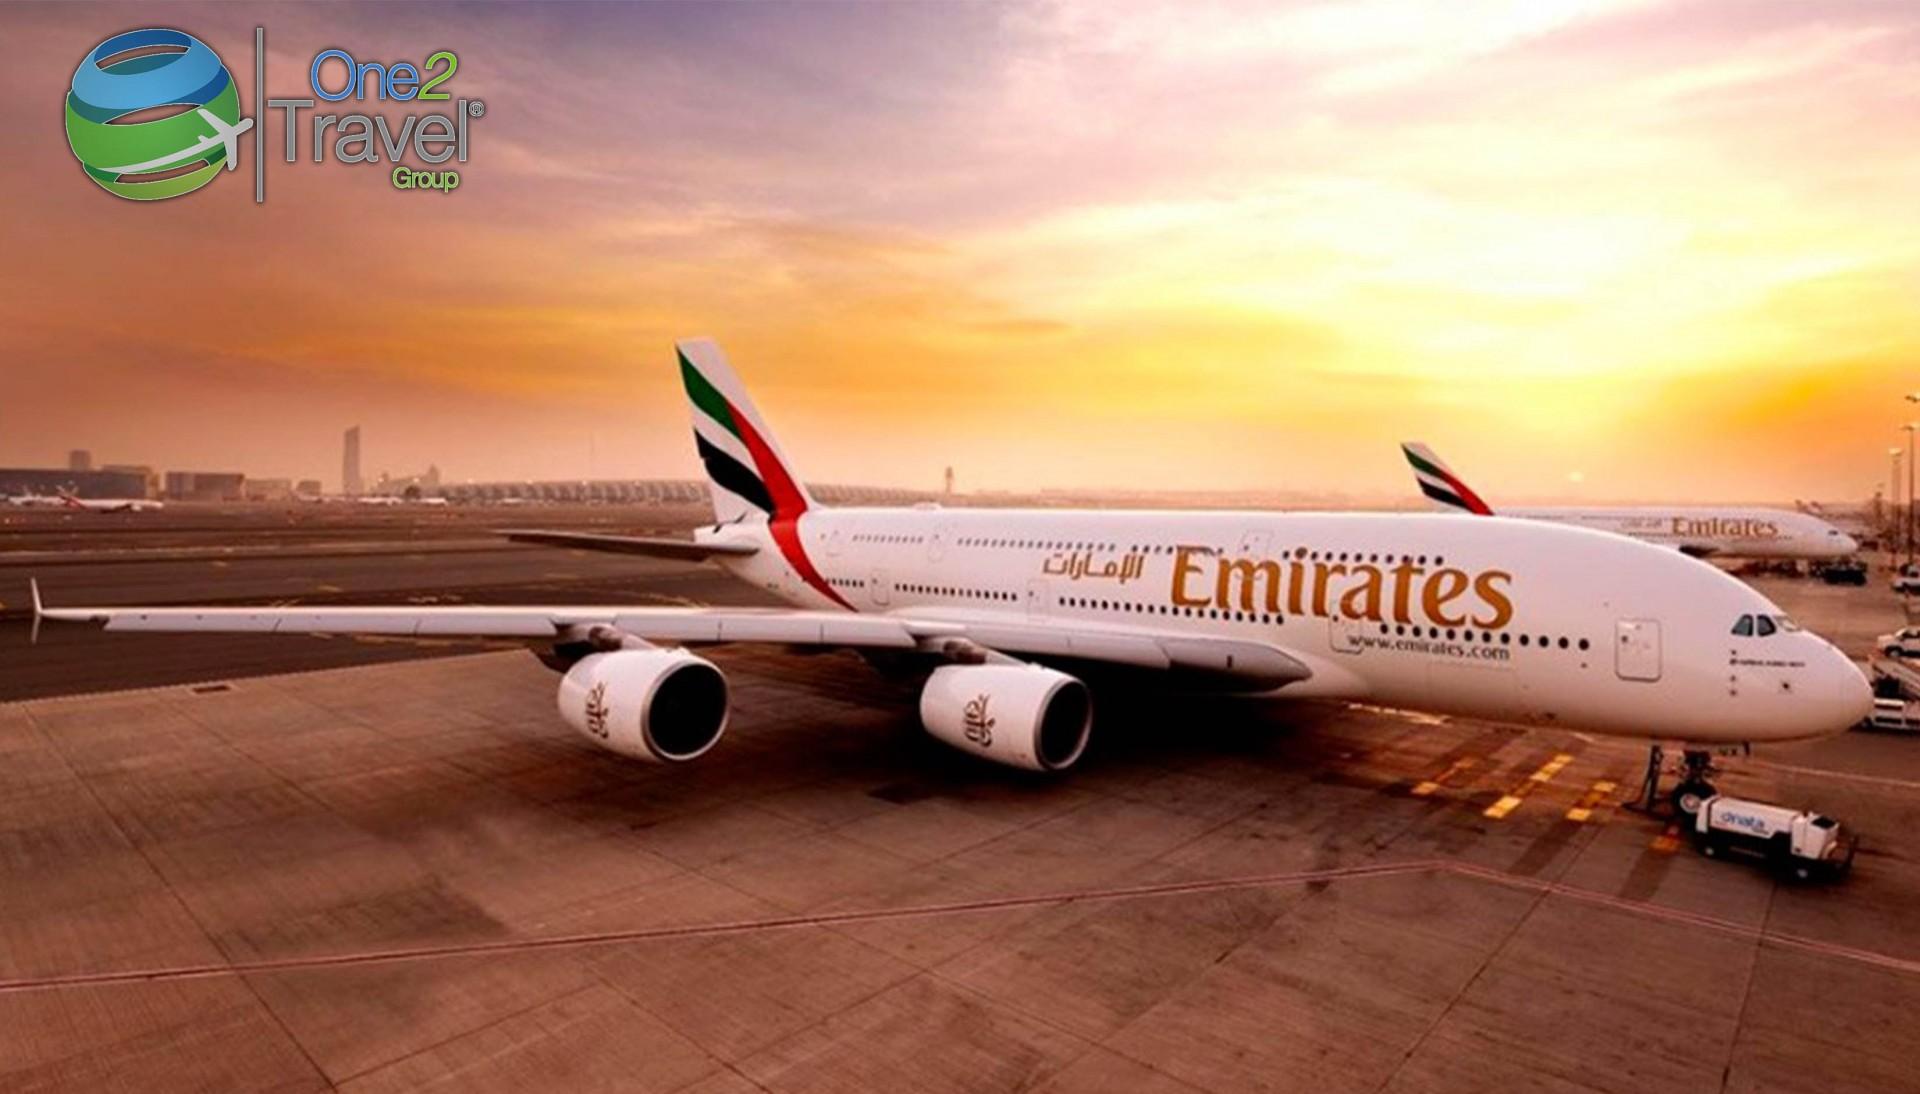 Emirates: Dubái le dio la bienvenida a los turistas y visitantes el 7 de julio